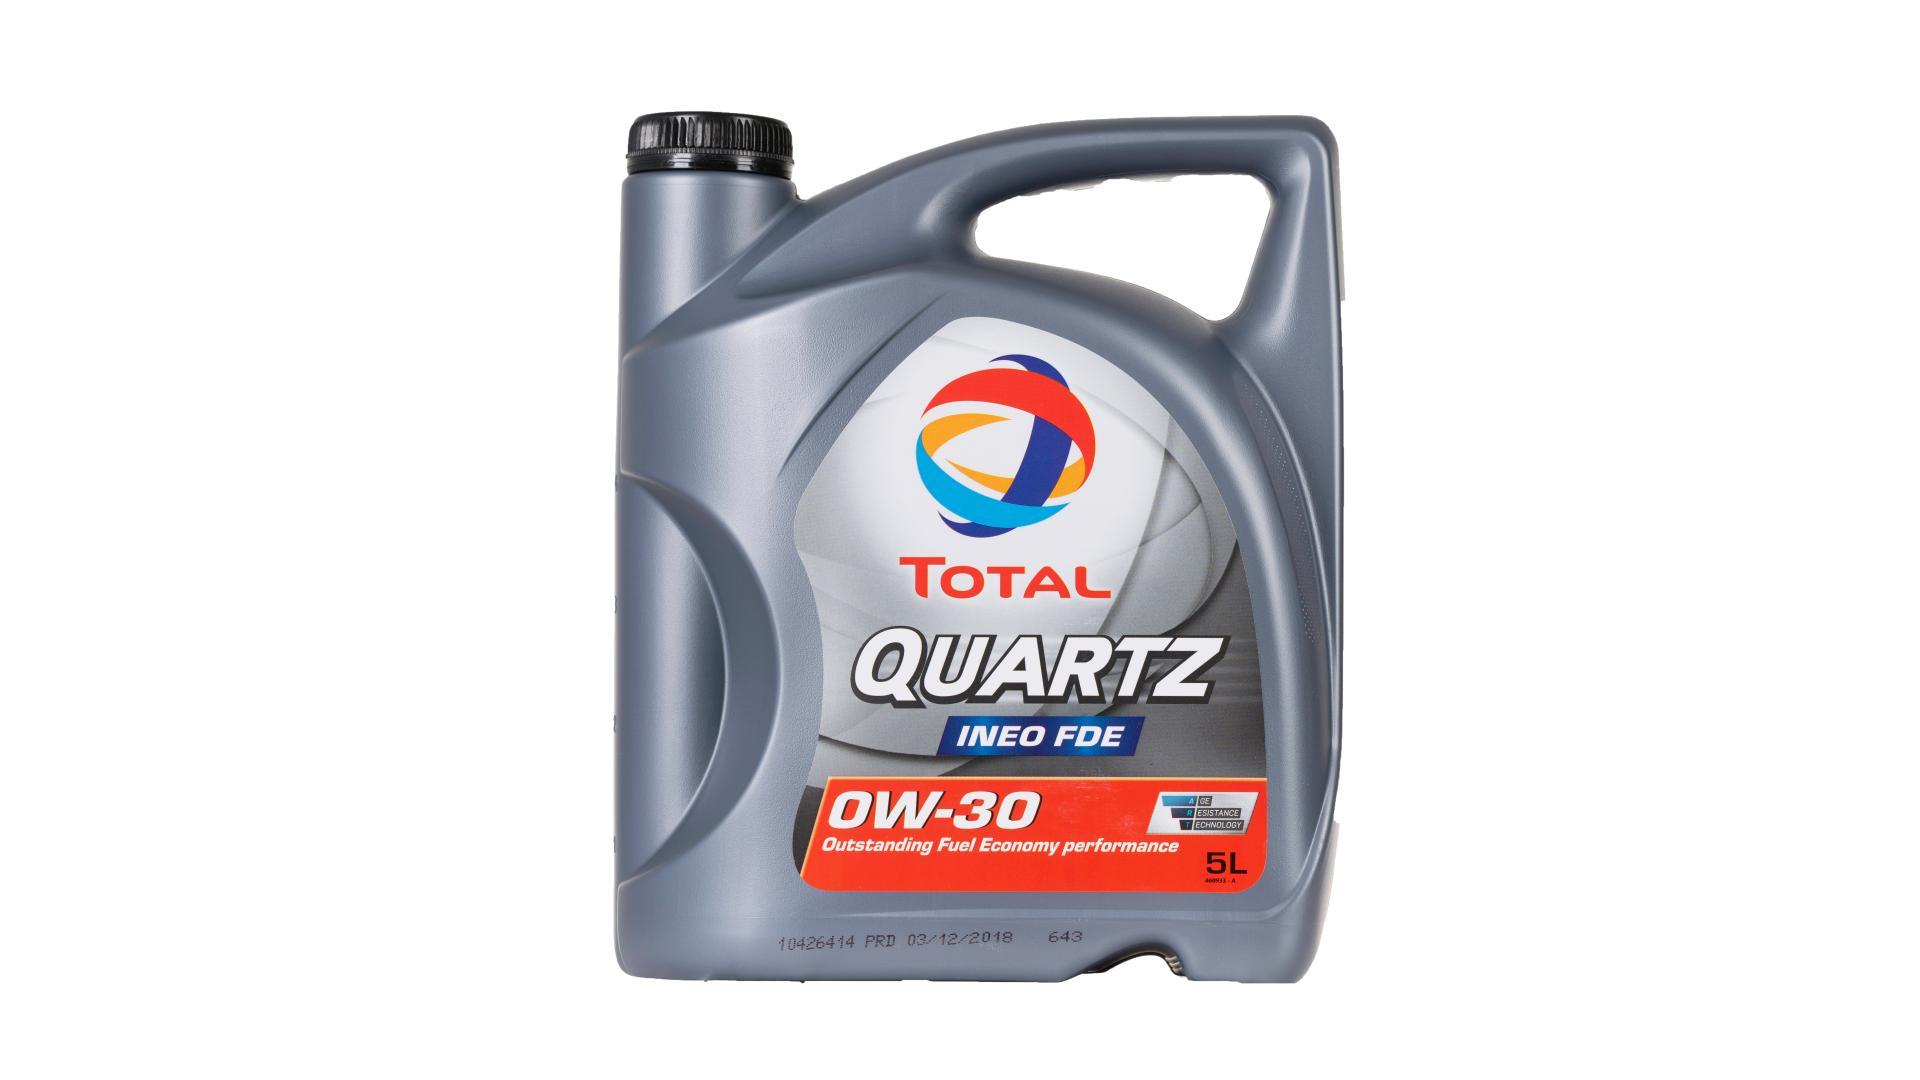 Total 0w-30 Quartz ineo FDE 5L (205313)